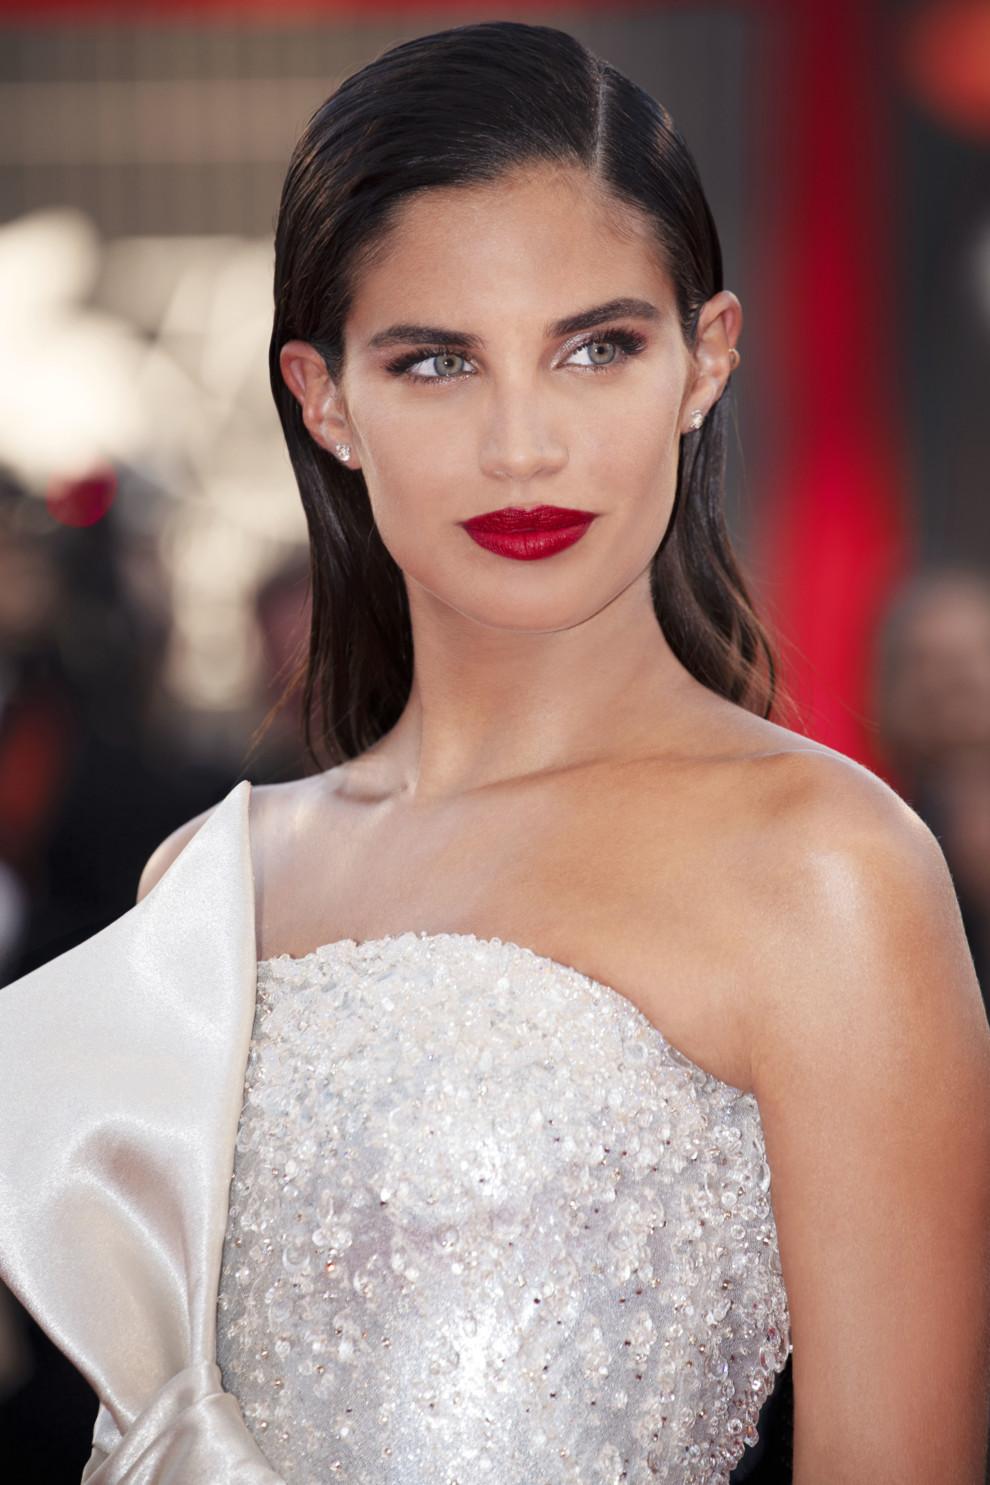 П ять зірок  топ-моделі і актриси стали посланницями Armani Beauty ... fa39af62acfb4